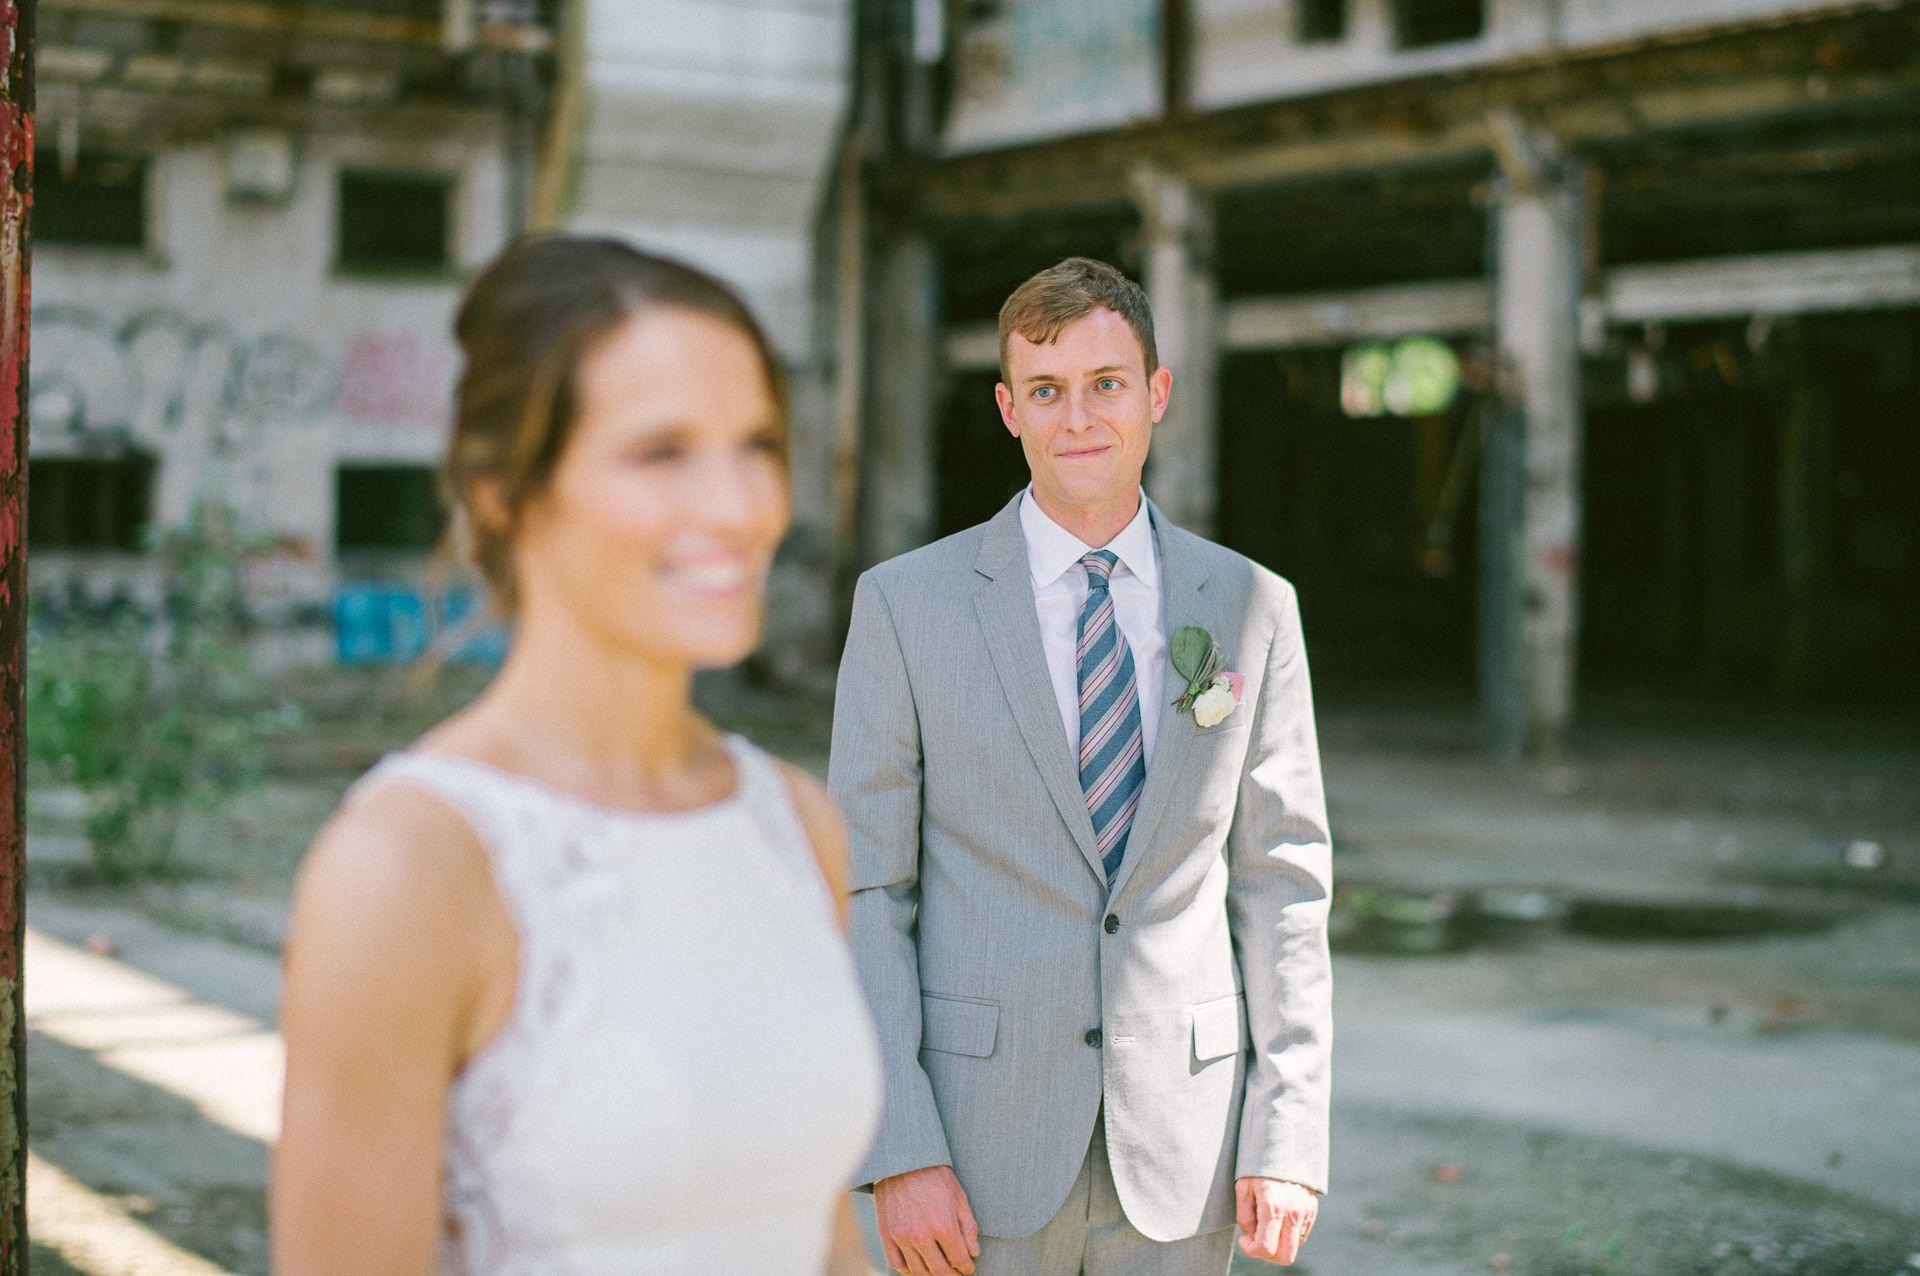 The Madison Wedding Venue Cleveland Wedding Photographer 00178.JPG